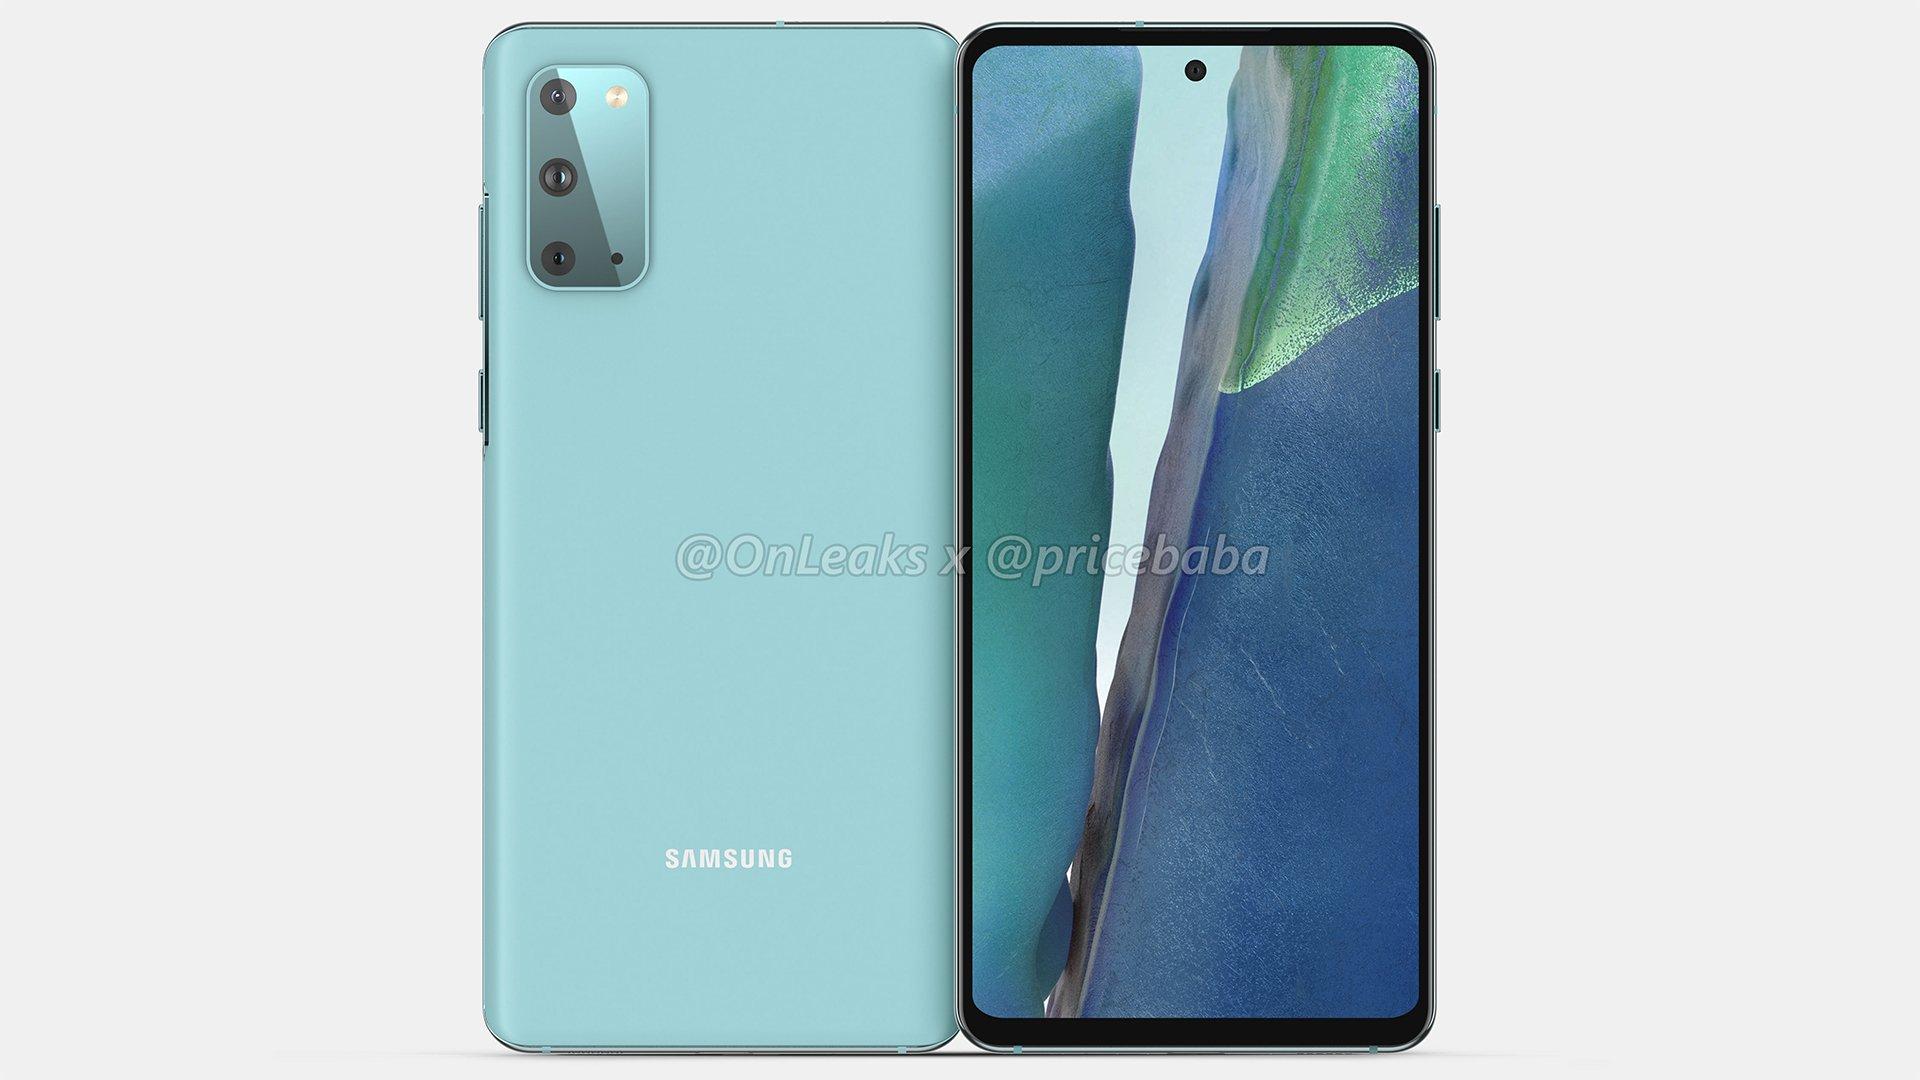 Galaxy S20 Fan Edition